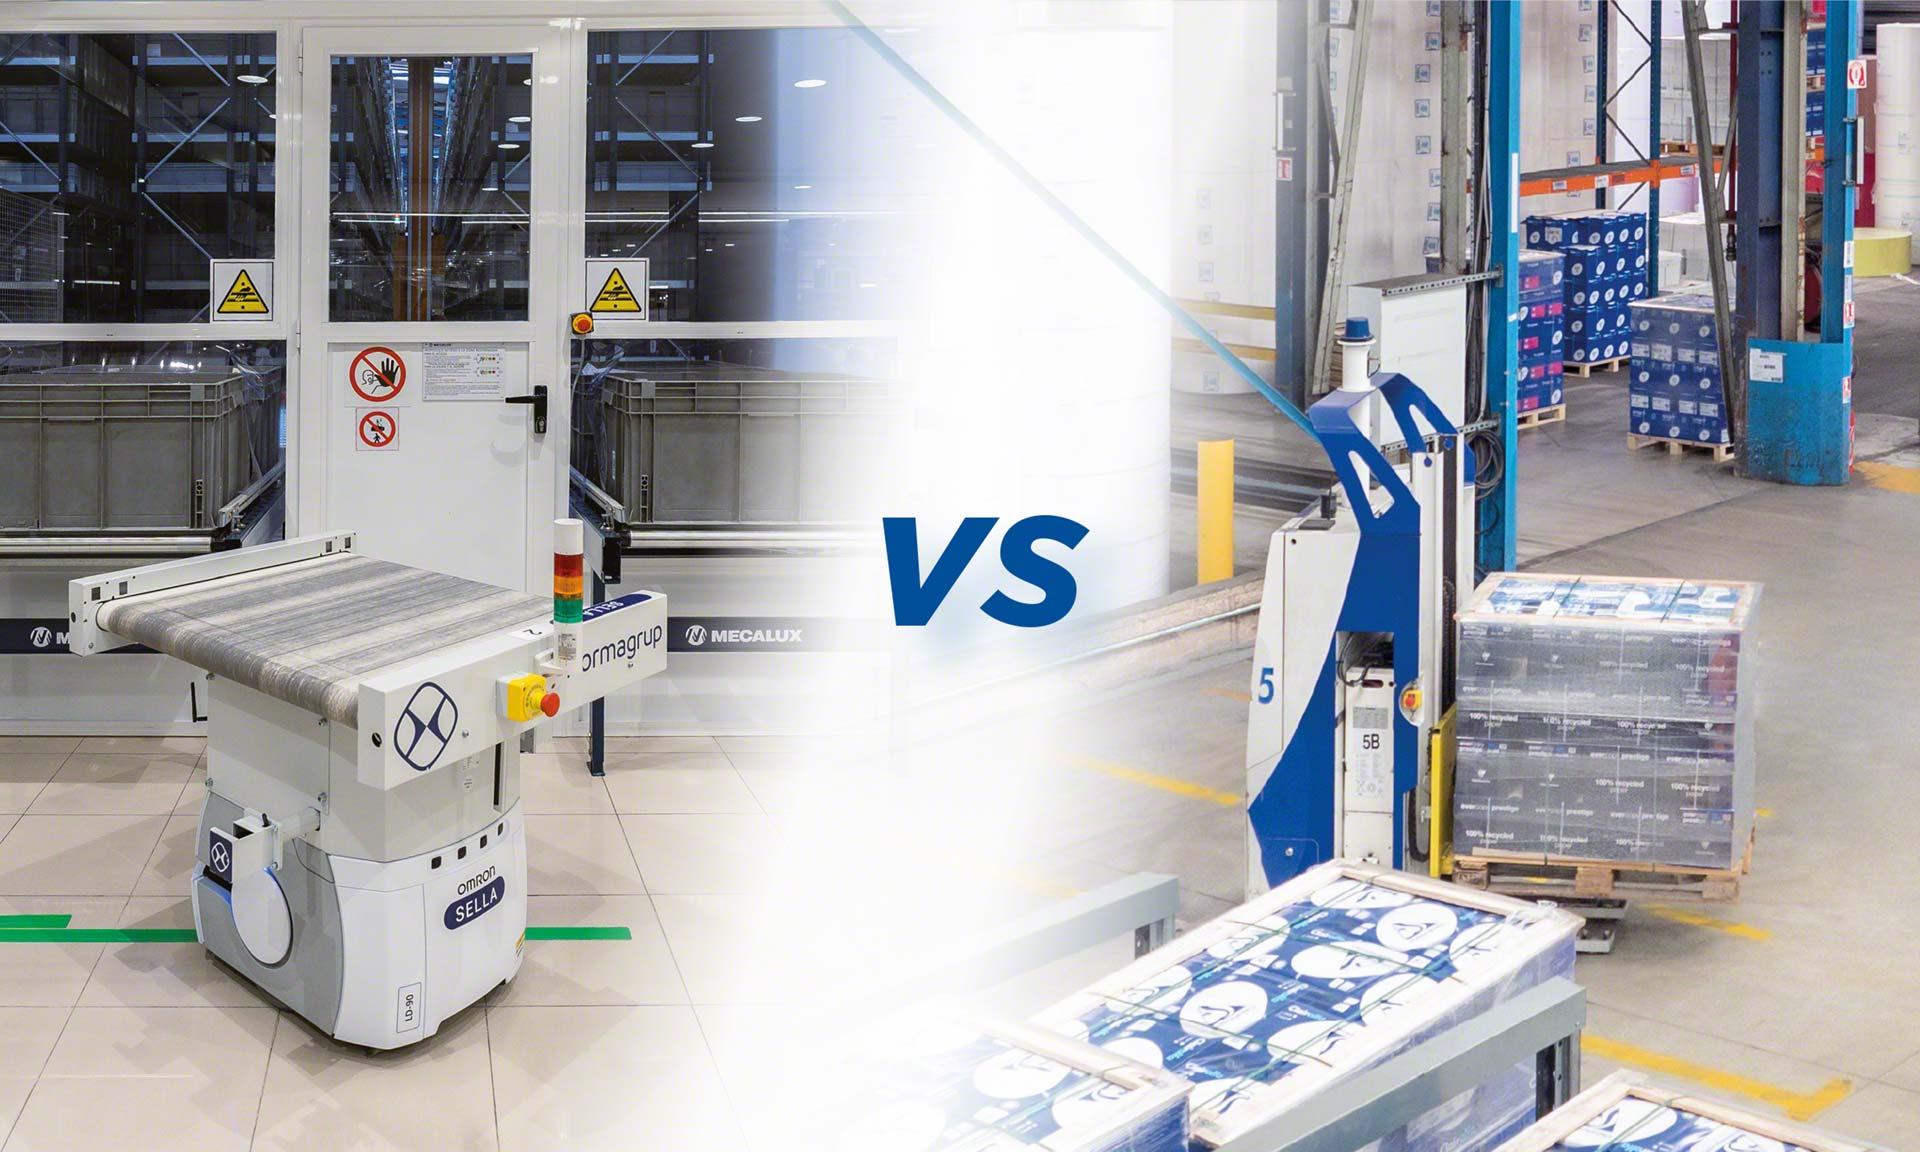 Sia gli AMR che gli AVG sono efficienti sistemi automatizzati di trasporto merce